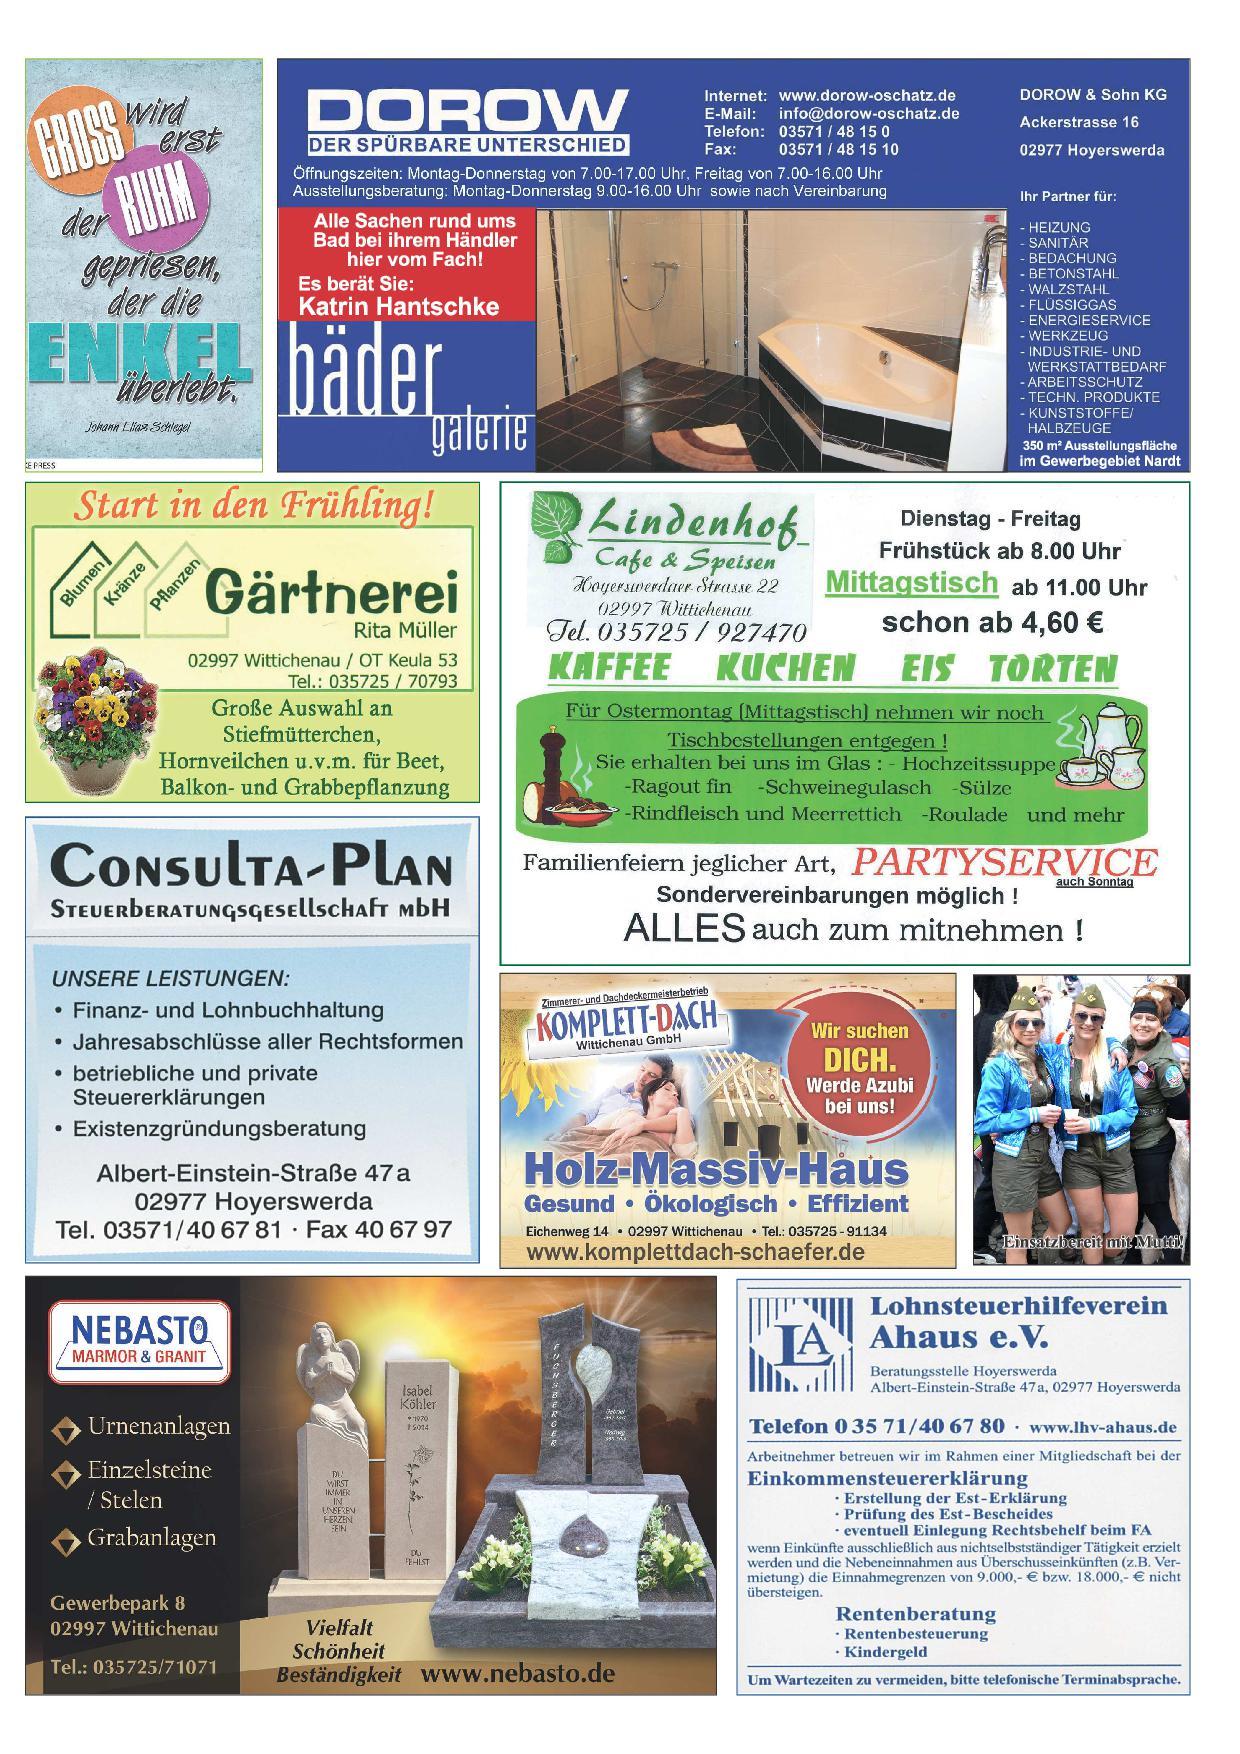 Wochenblatt Nr. 6 - 2019